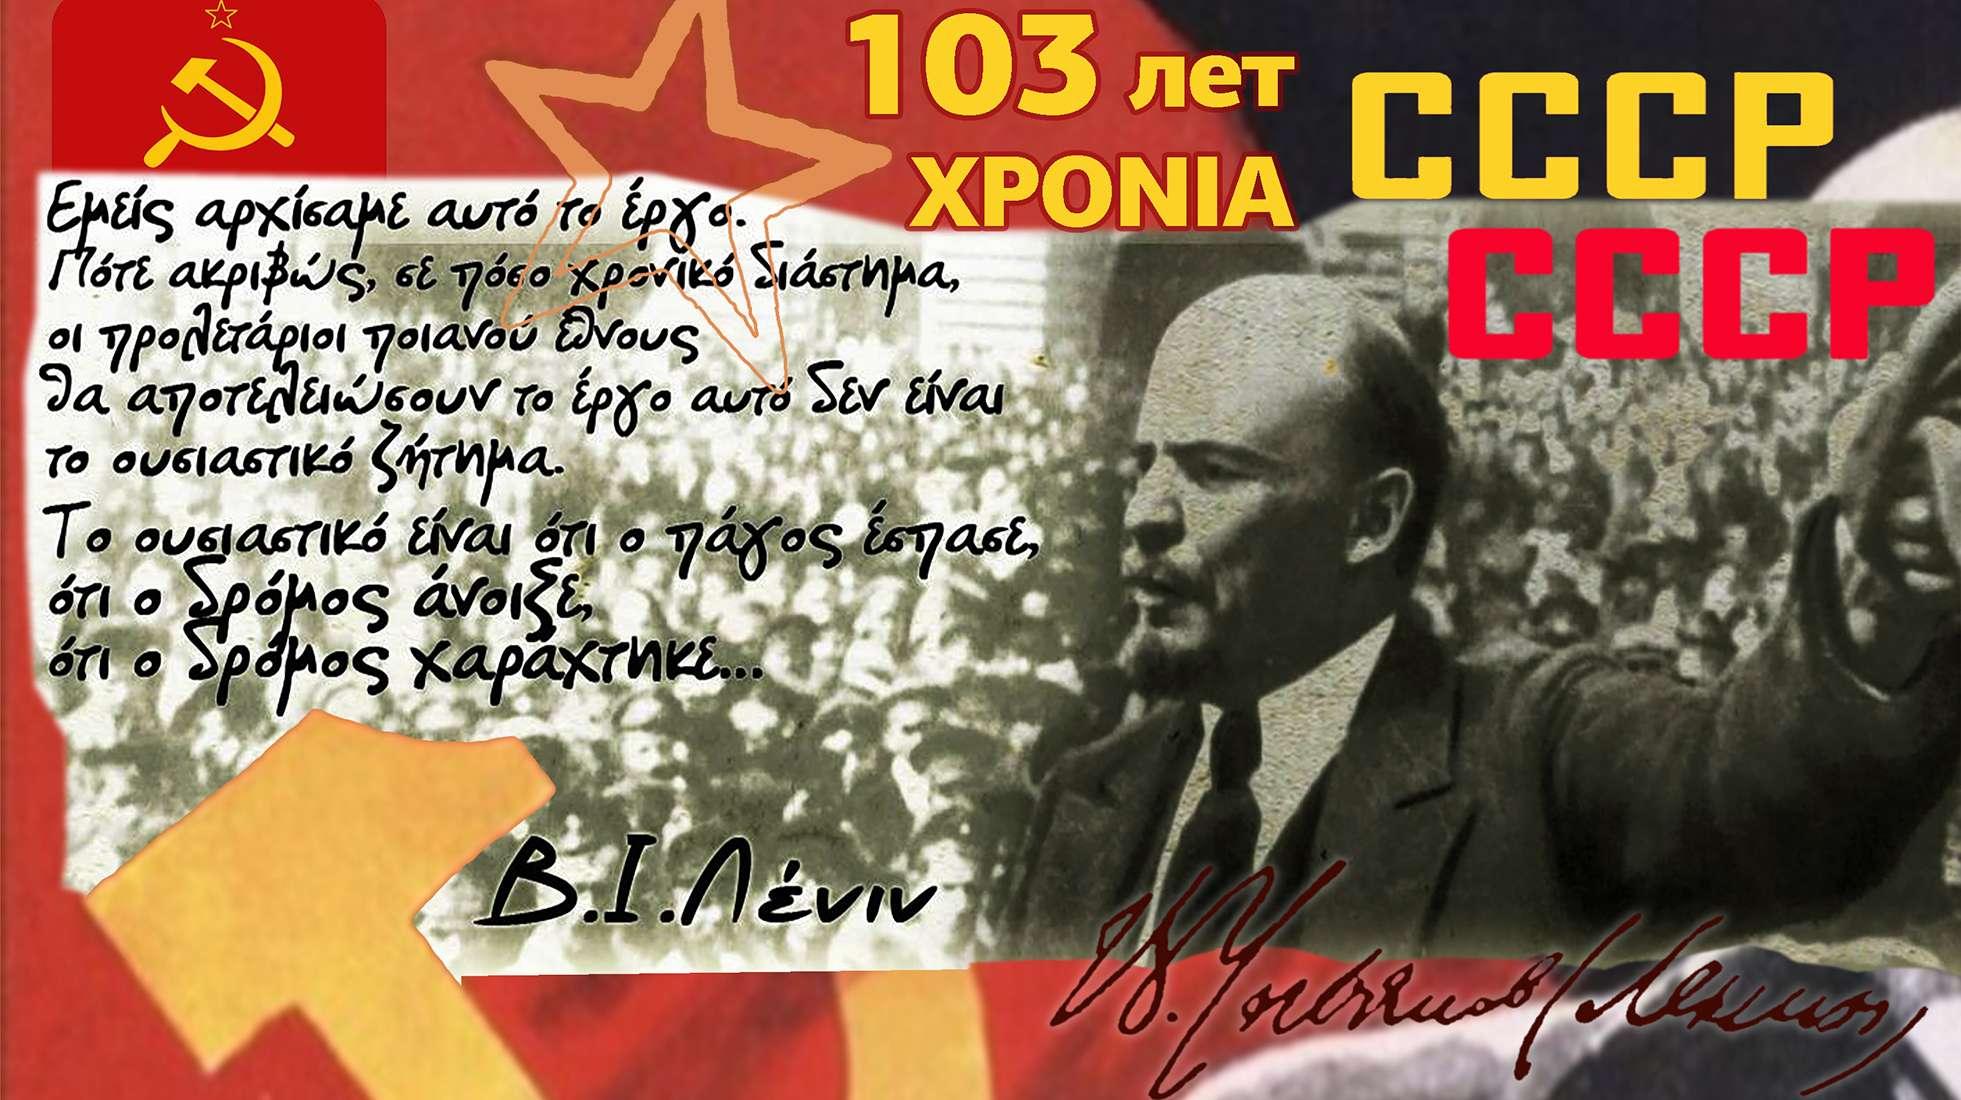 Β.Ι.Λένιν Εμείς αρχίσαμε αυτό το έργο…